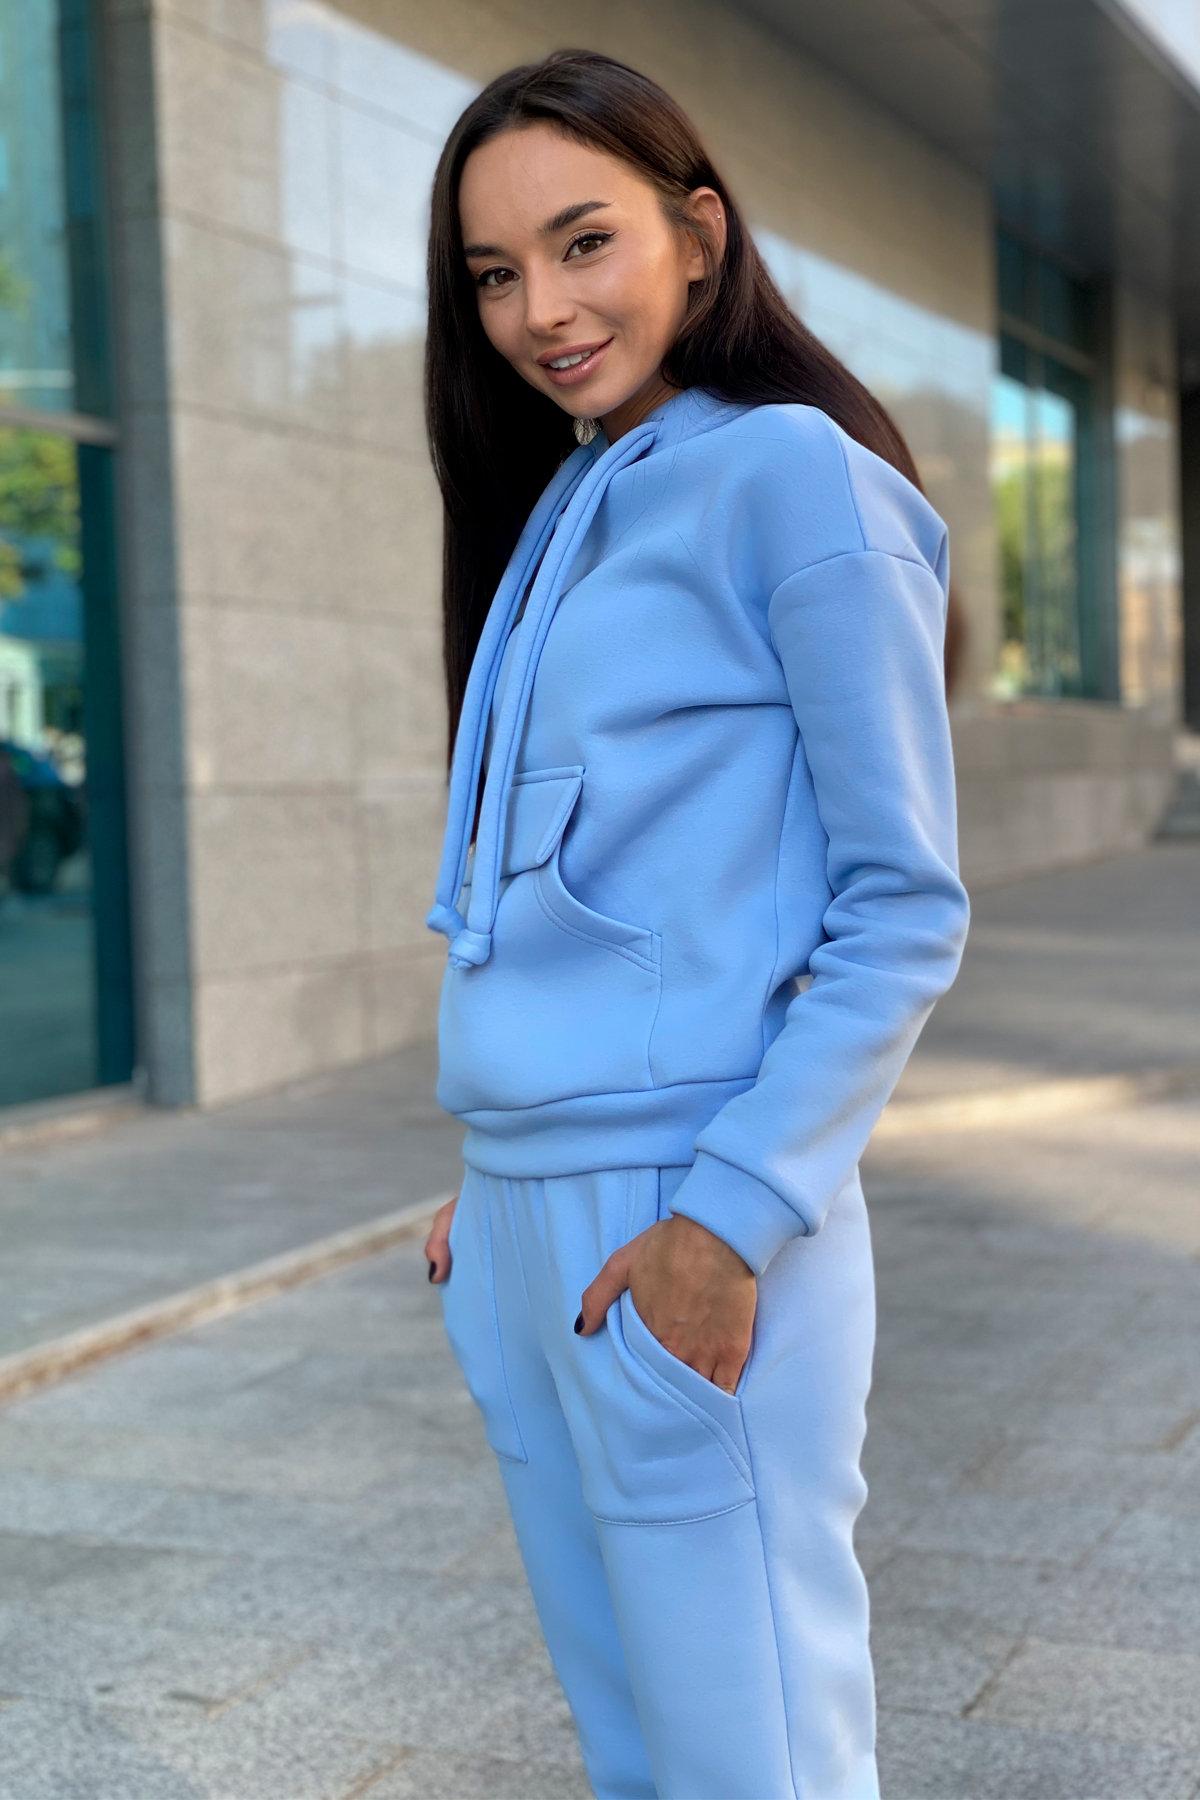 Бруклин трикотаж 3х нитка с начесом прогулочный костюм 9663 АРТ. 45965 Цвет: Голубой - фото 8, интернет магазин tm-modus.ru